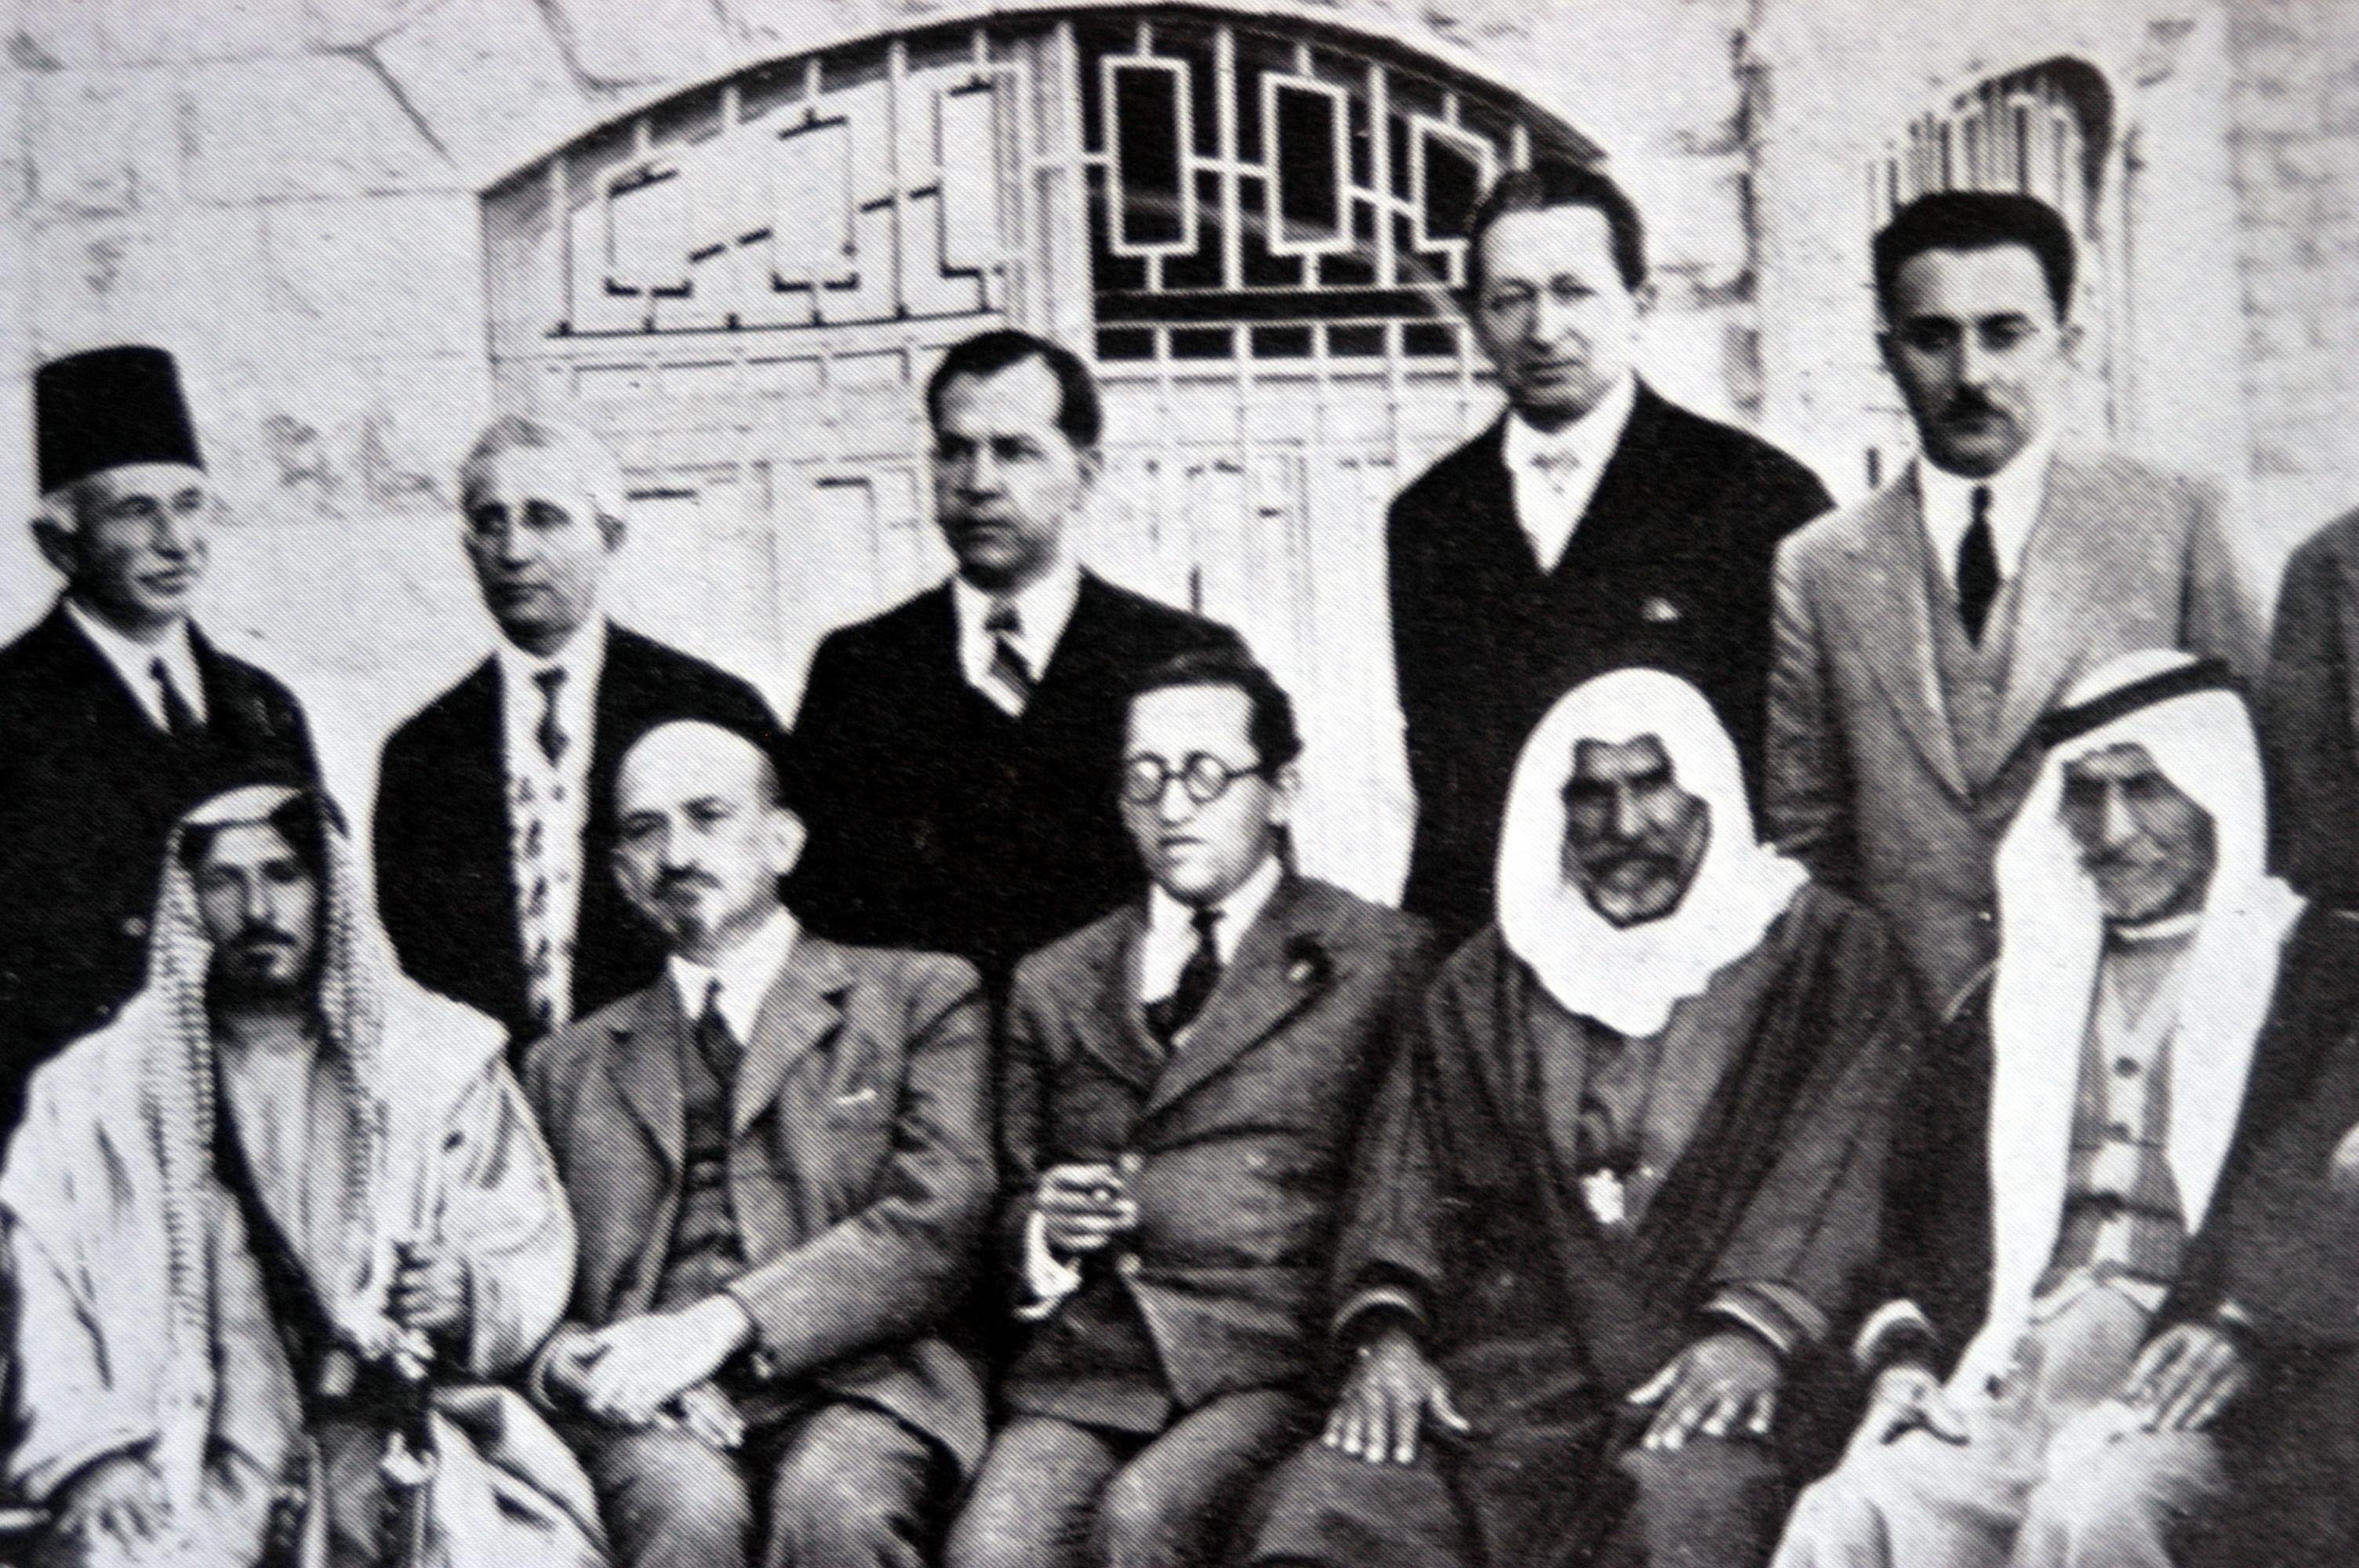 פגישת מנהיגים ציוניים עם נציגים מעבר הירדן